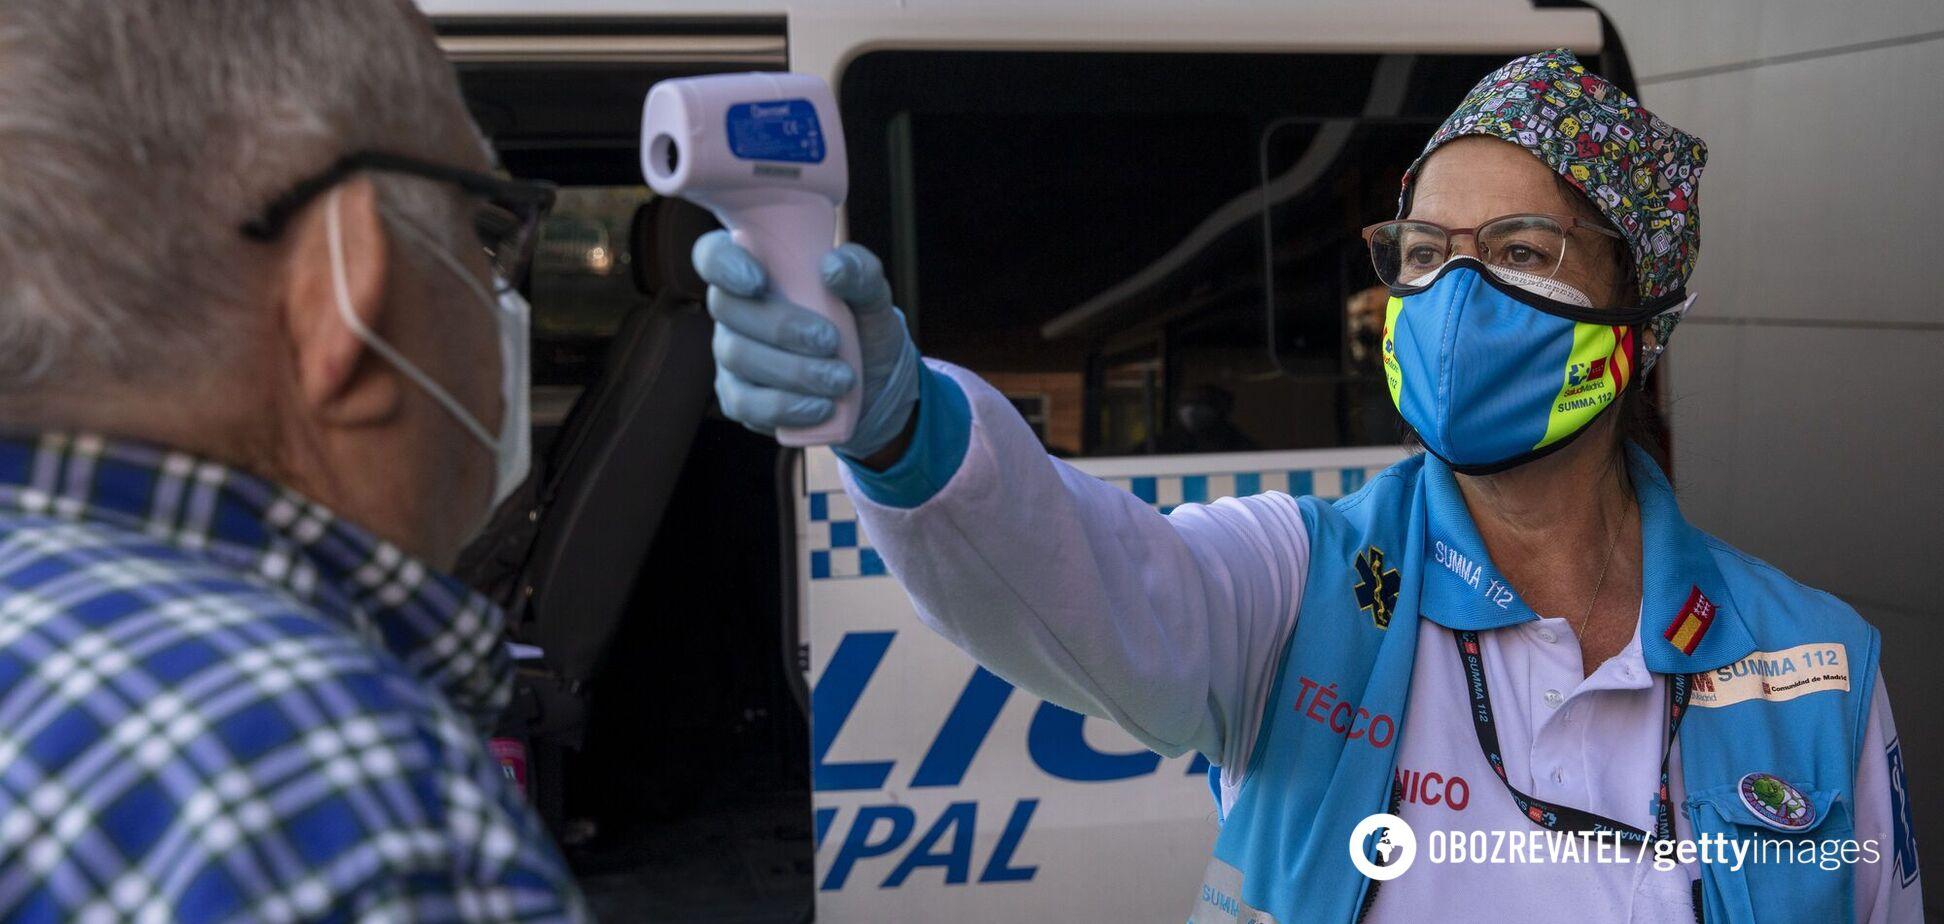 В Іспанії чиновників запідозрили у позачерговій вакцинації від COVID-19